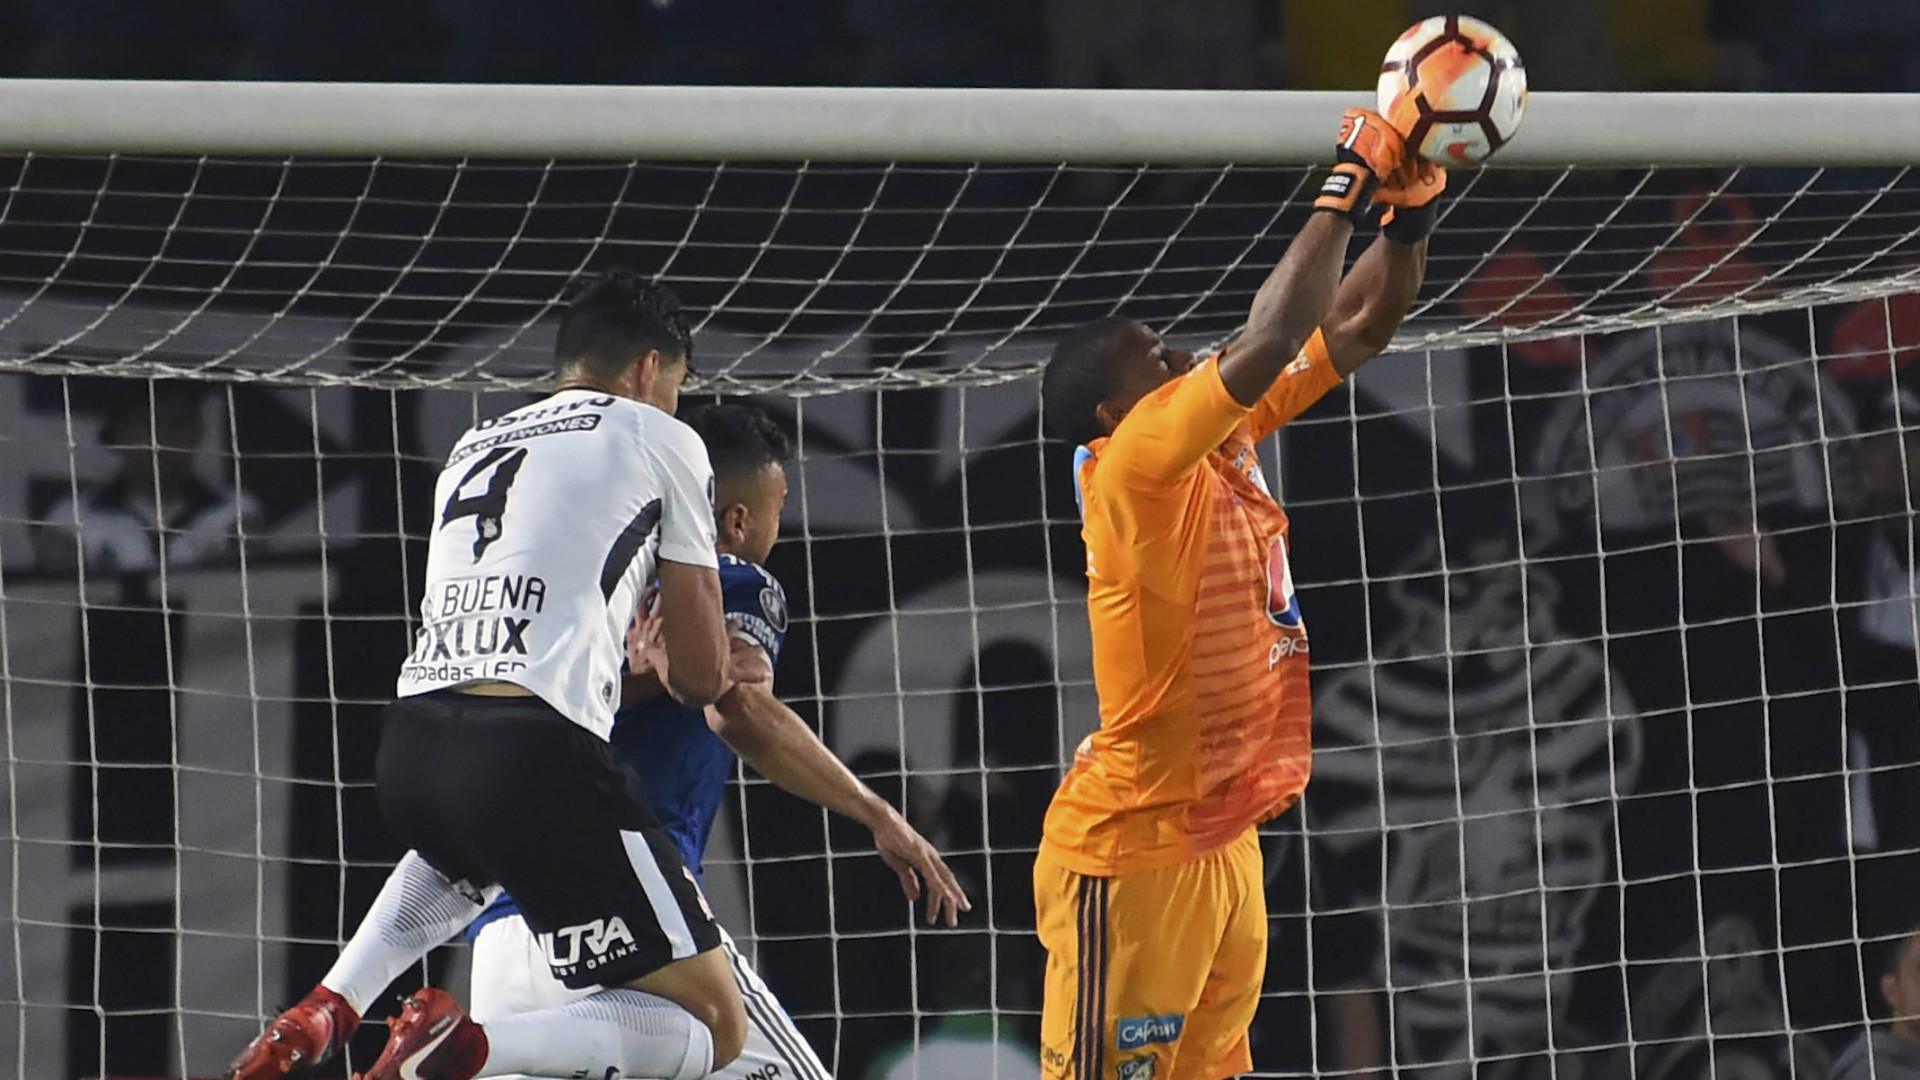 Wuilker Fariñez Millonarios Corinthians Copa Libertadores 28022018